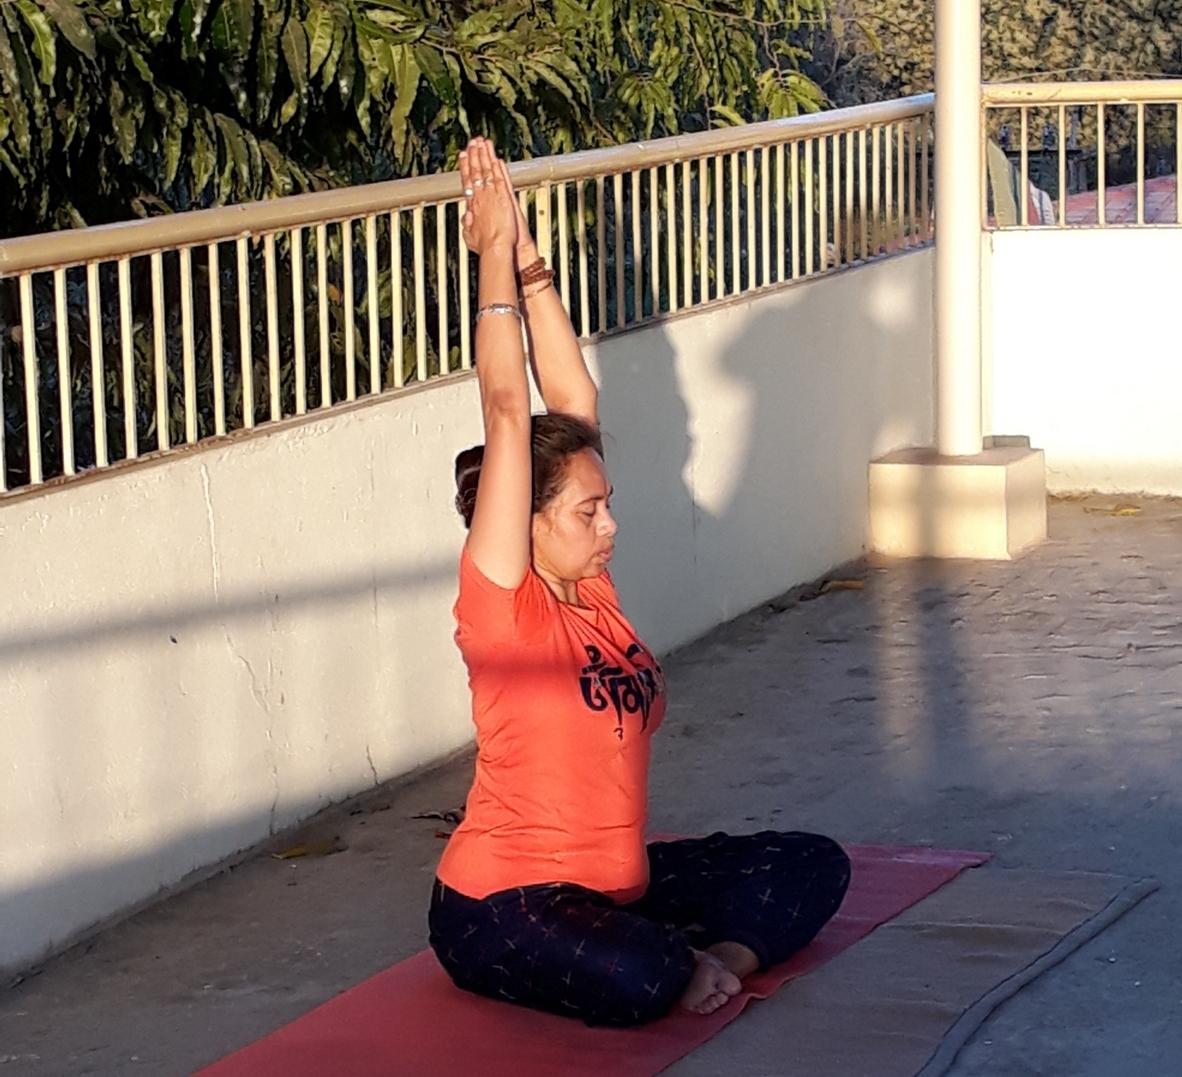 Mystic+Yoga+Retreat+Bodh+Gaya+March+2018+-++(25).jpg